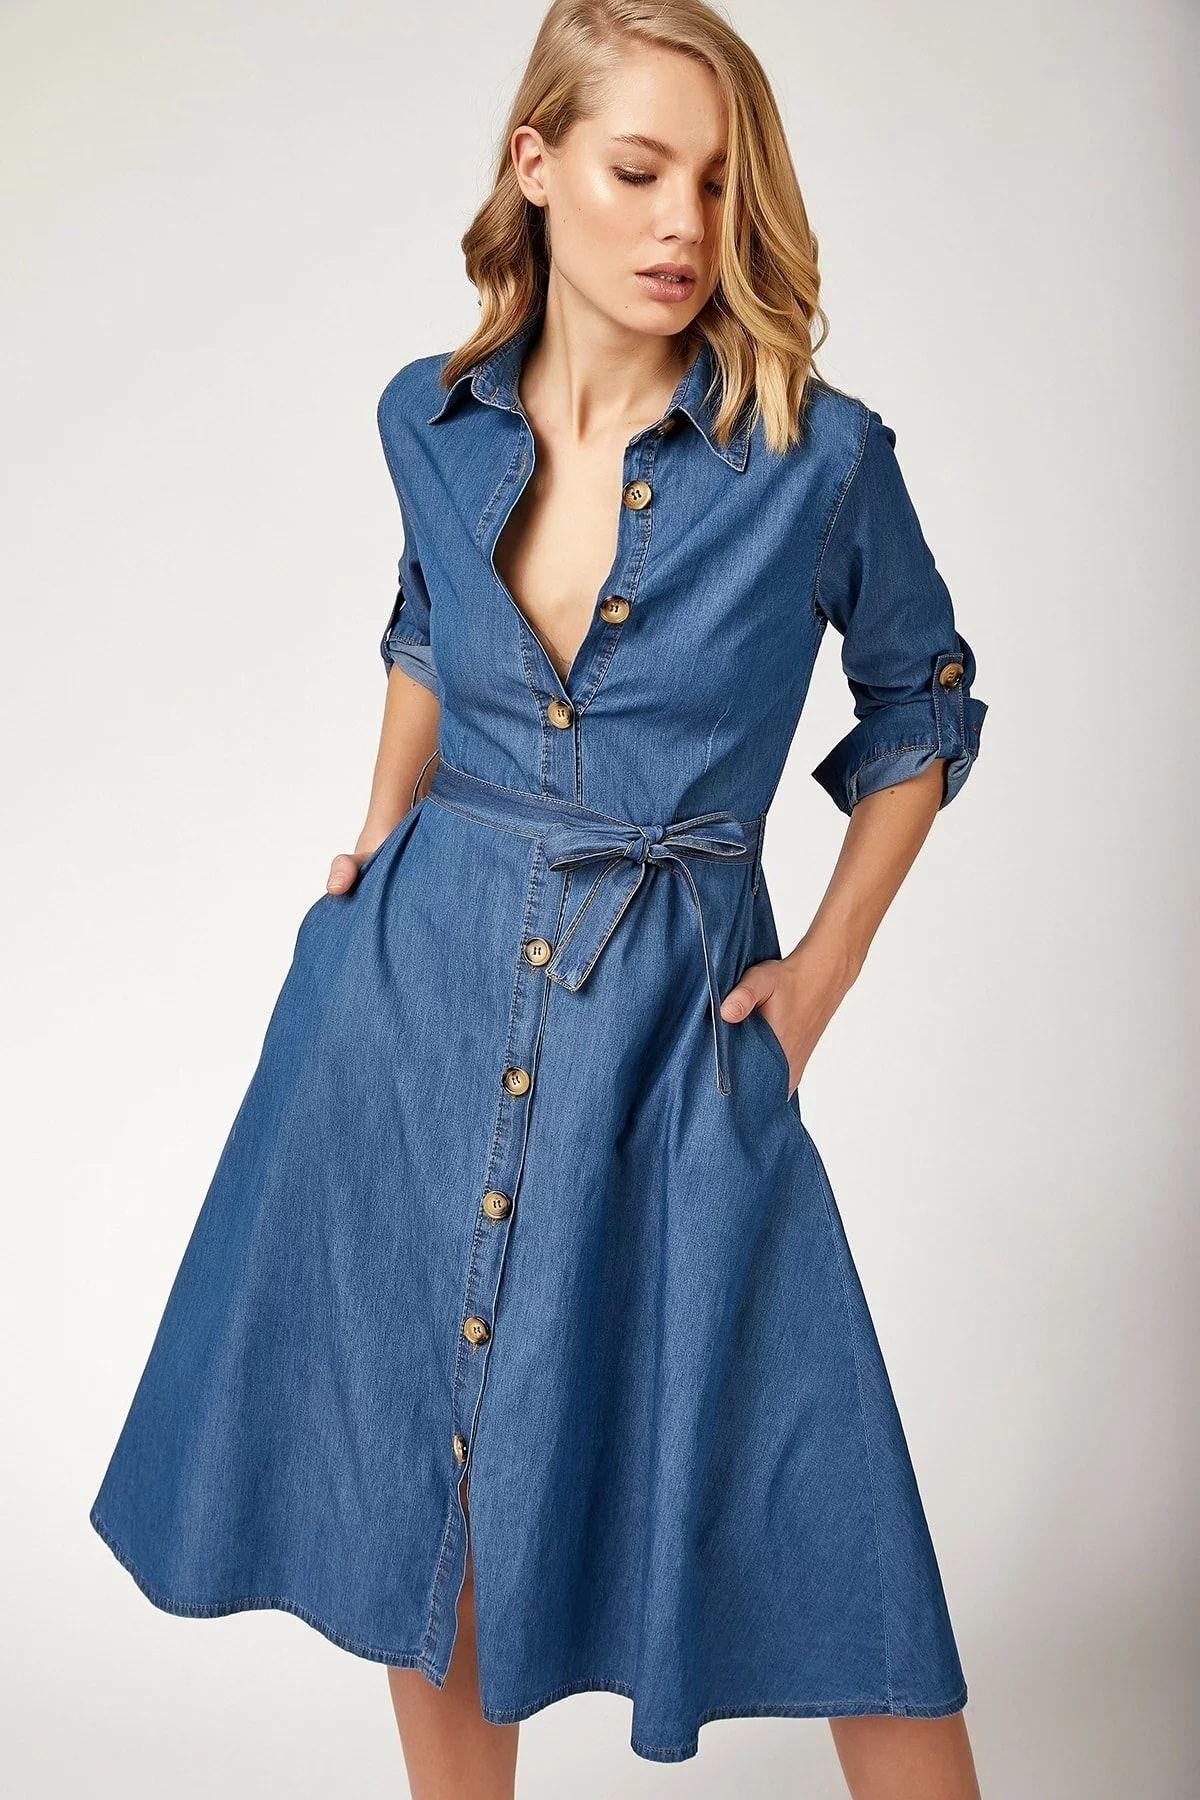 Bigdart 1924 Kusakli Kemerli Jean Elbise Trendyol 2020 The Dress Elbise Kiyafet